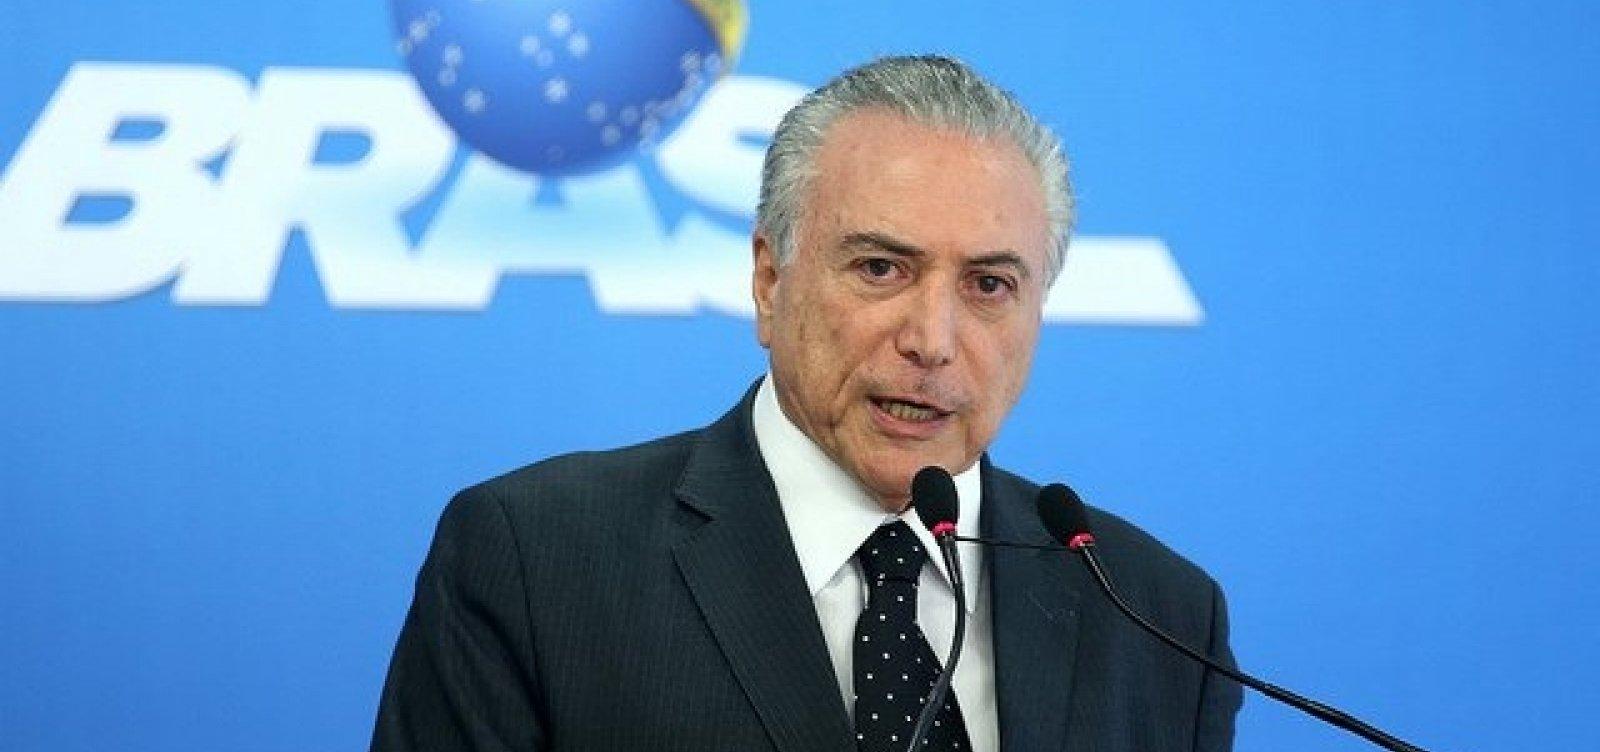 [Com decisão judicial, Temer retira benefícios de Lula]